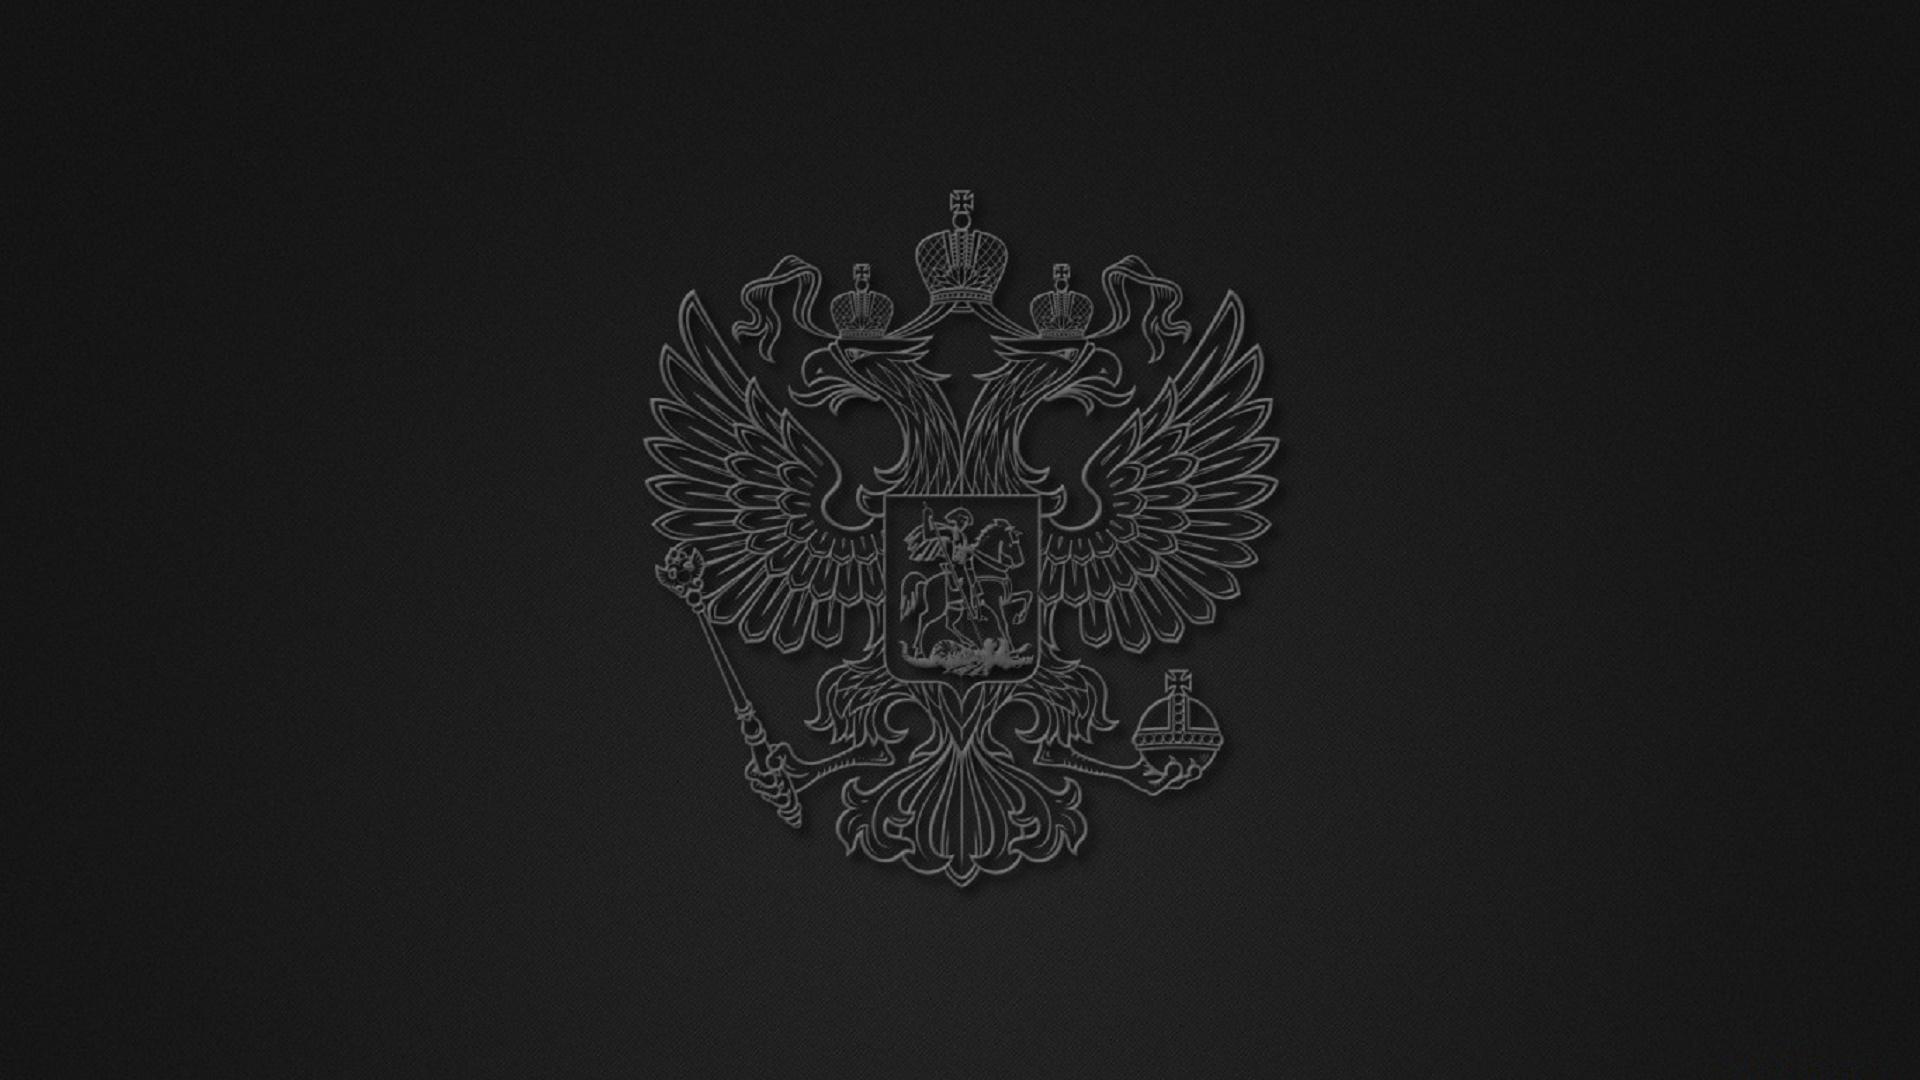 Русские обои на айфон